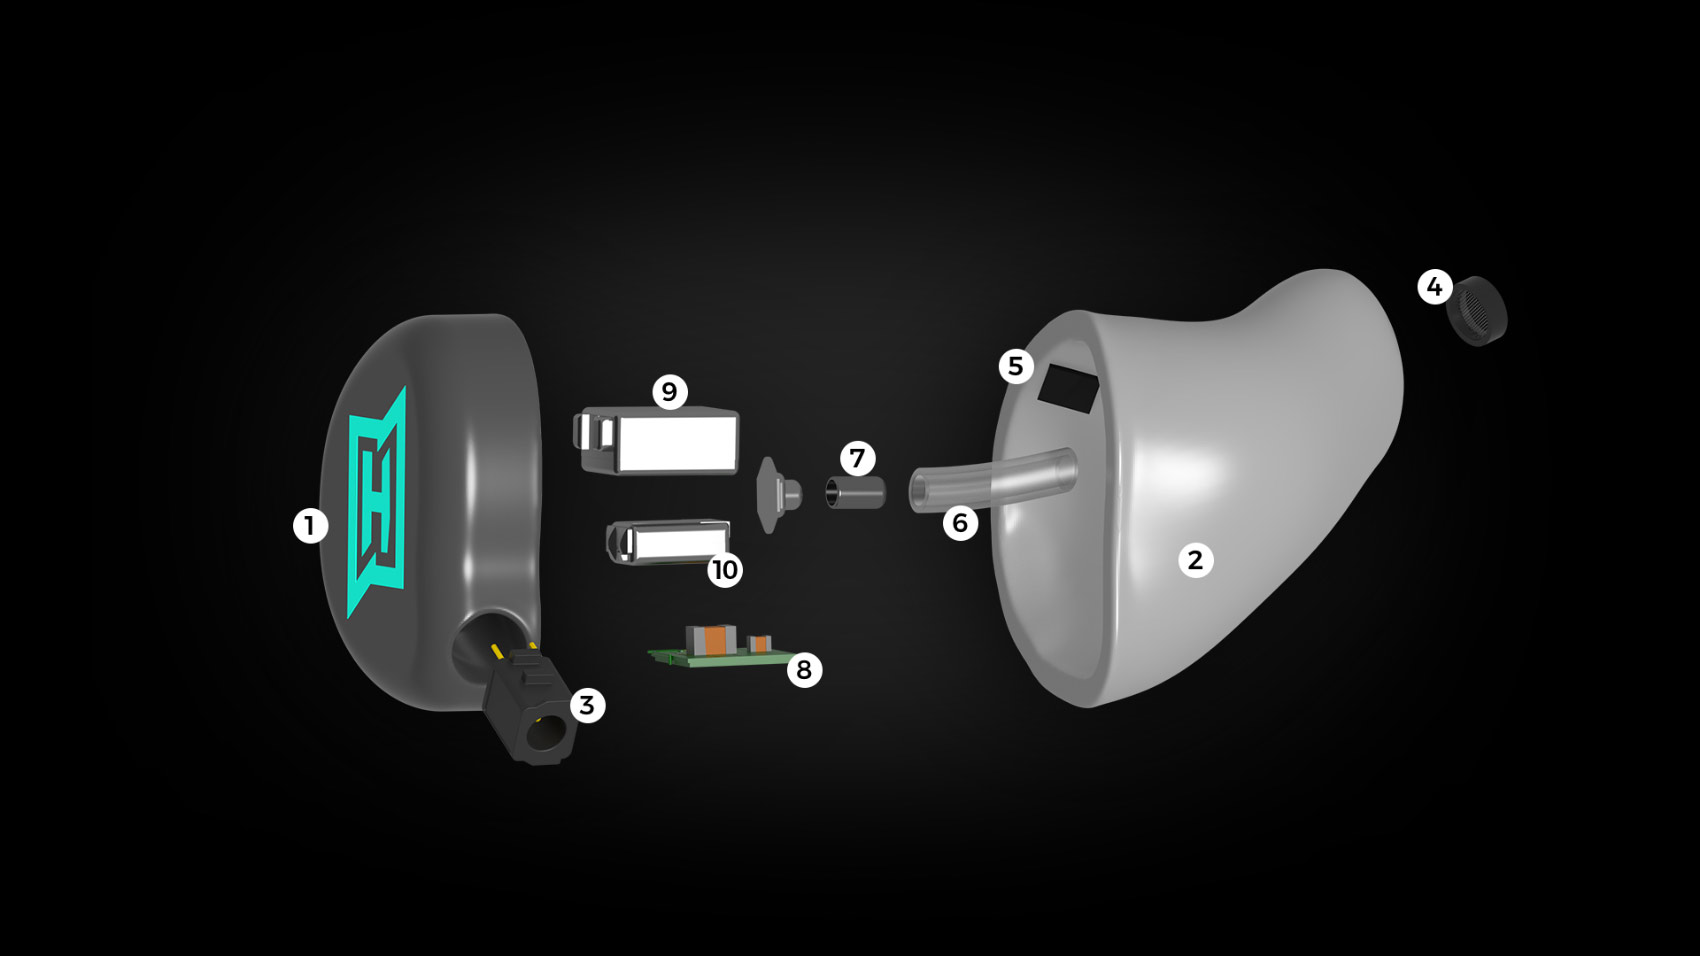 Aufbau eines HEAROS Boom 2 mit all seinen technischen Komponenten.